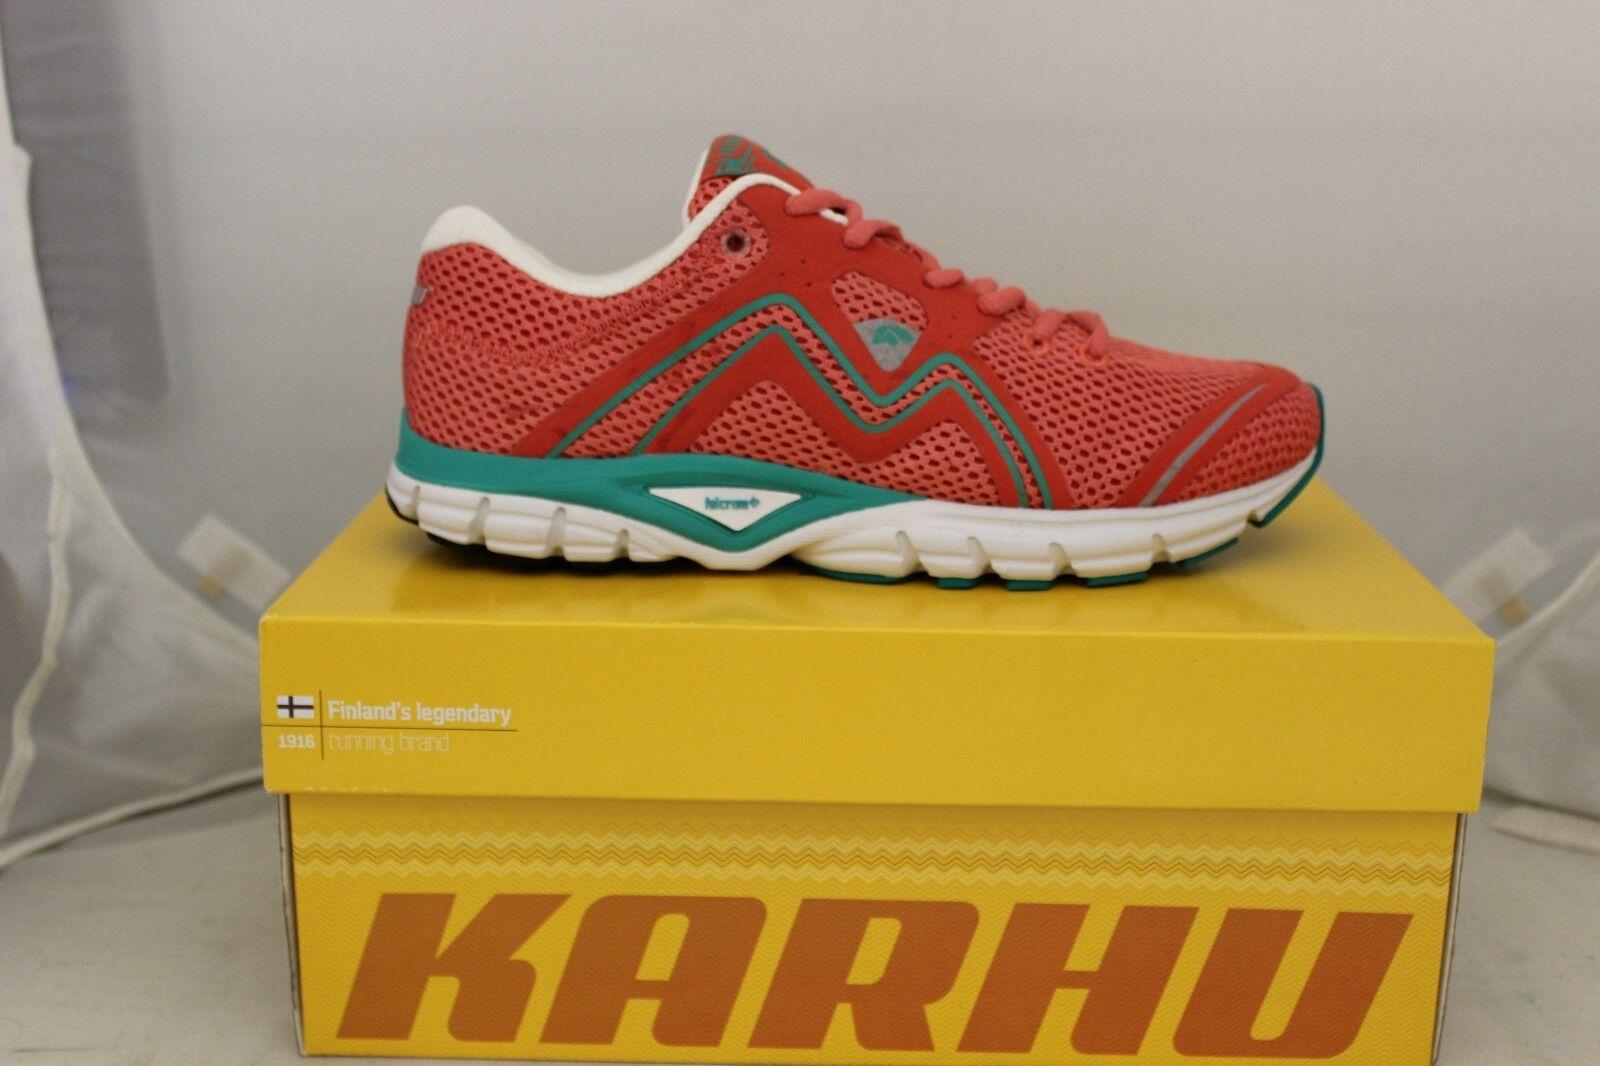 Para Zapatillas Mujer Karhu fluido 3 Zapatillas Para coral/Azulgrass f200134 Nuevo 94fc3d